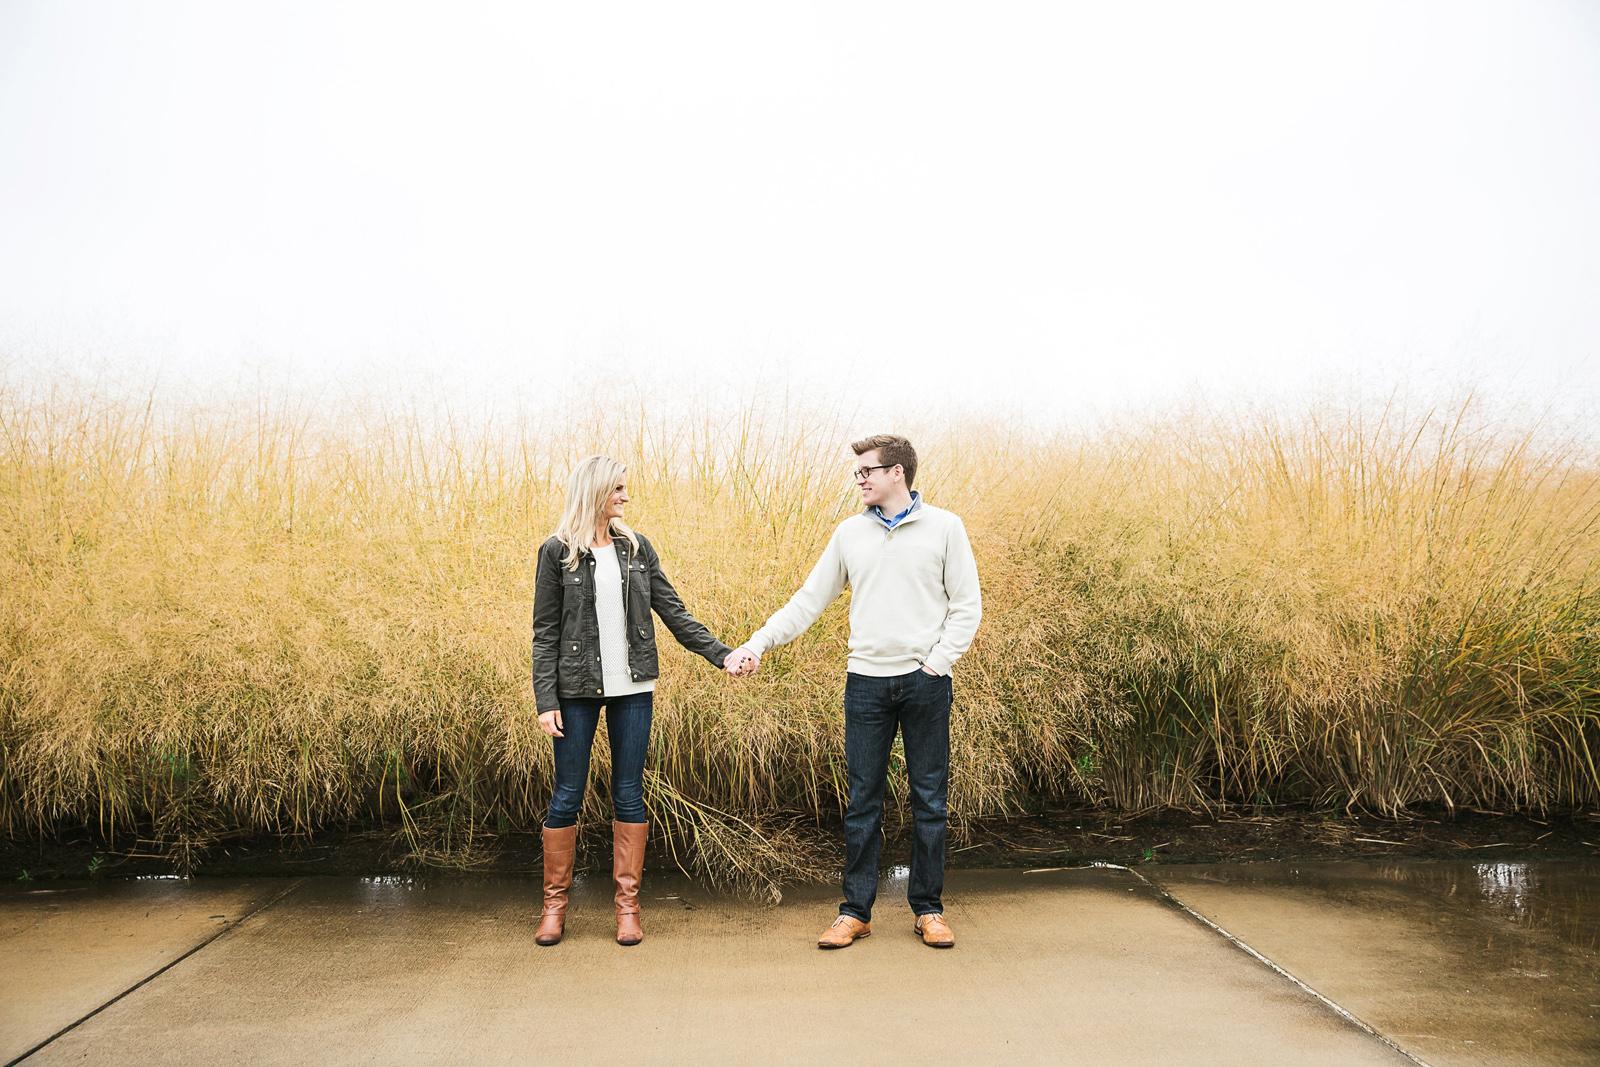 Oldani-Photography-St-Louis-Forest-Park-World's-Fair-Pavillion-Engagement-Photos_20141012_171208.jpg